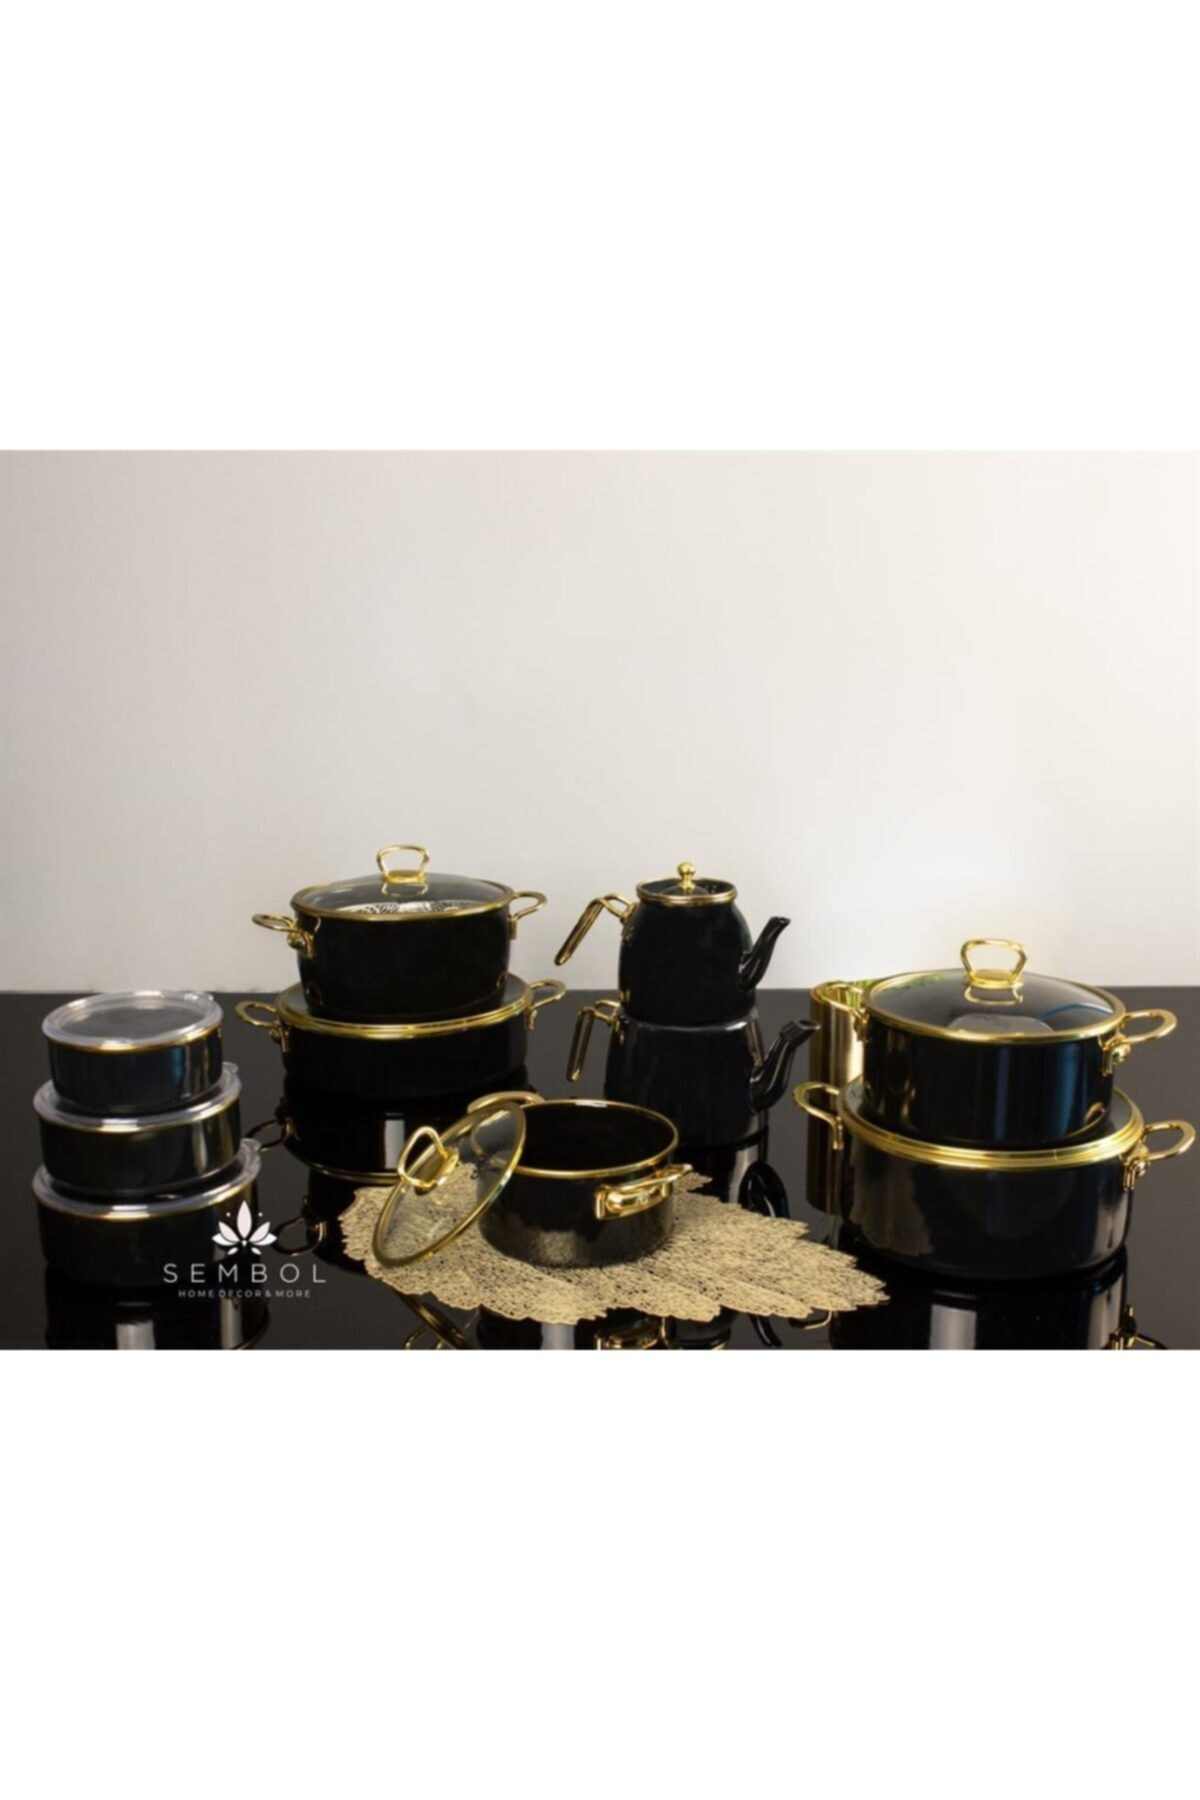 Zücev Valery Emaye 26 Cm Karnıyarık Tenceresi Siyah/gold